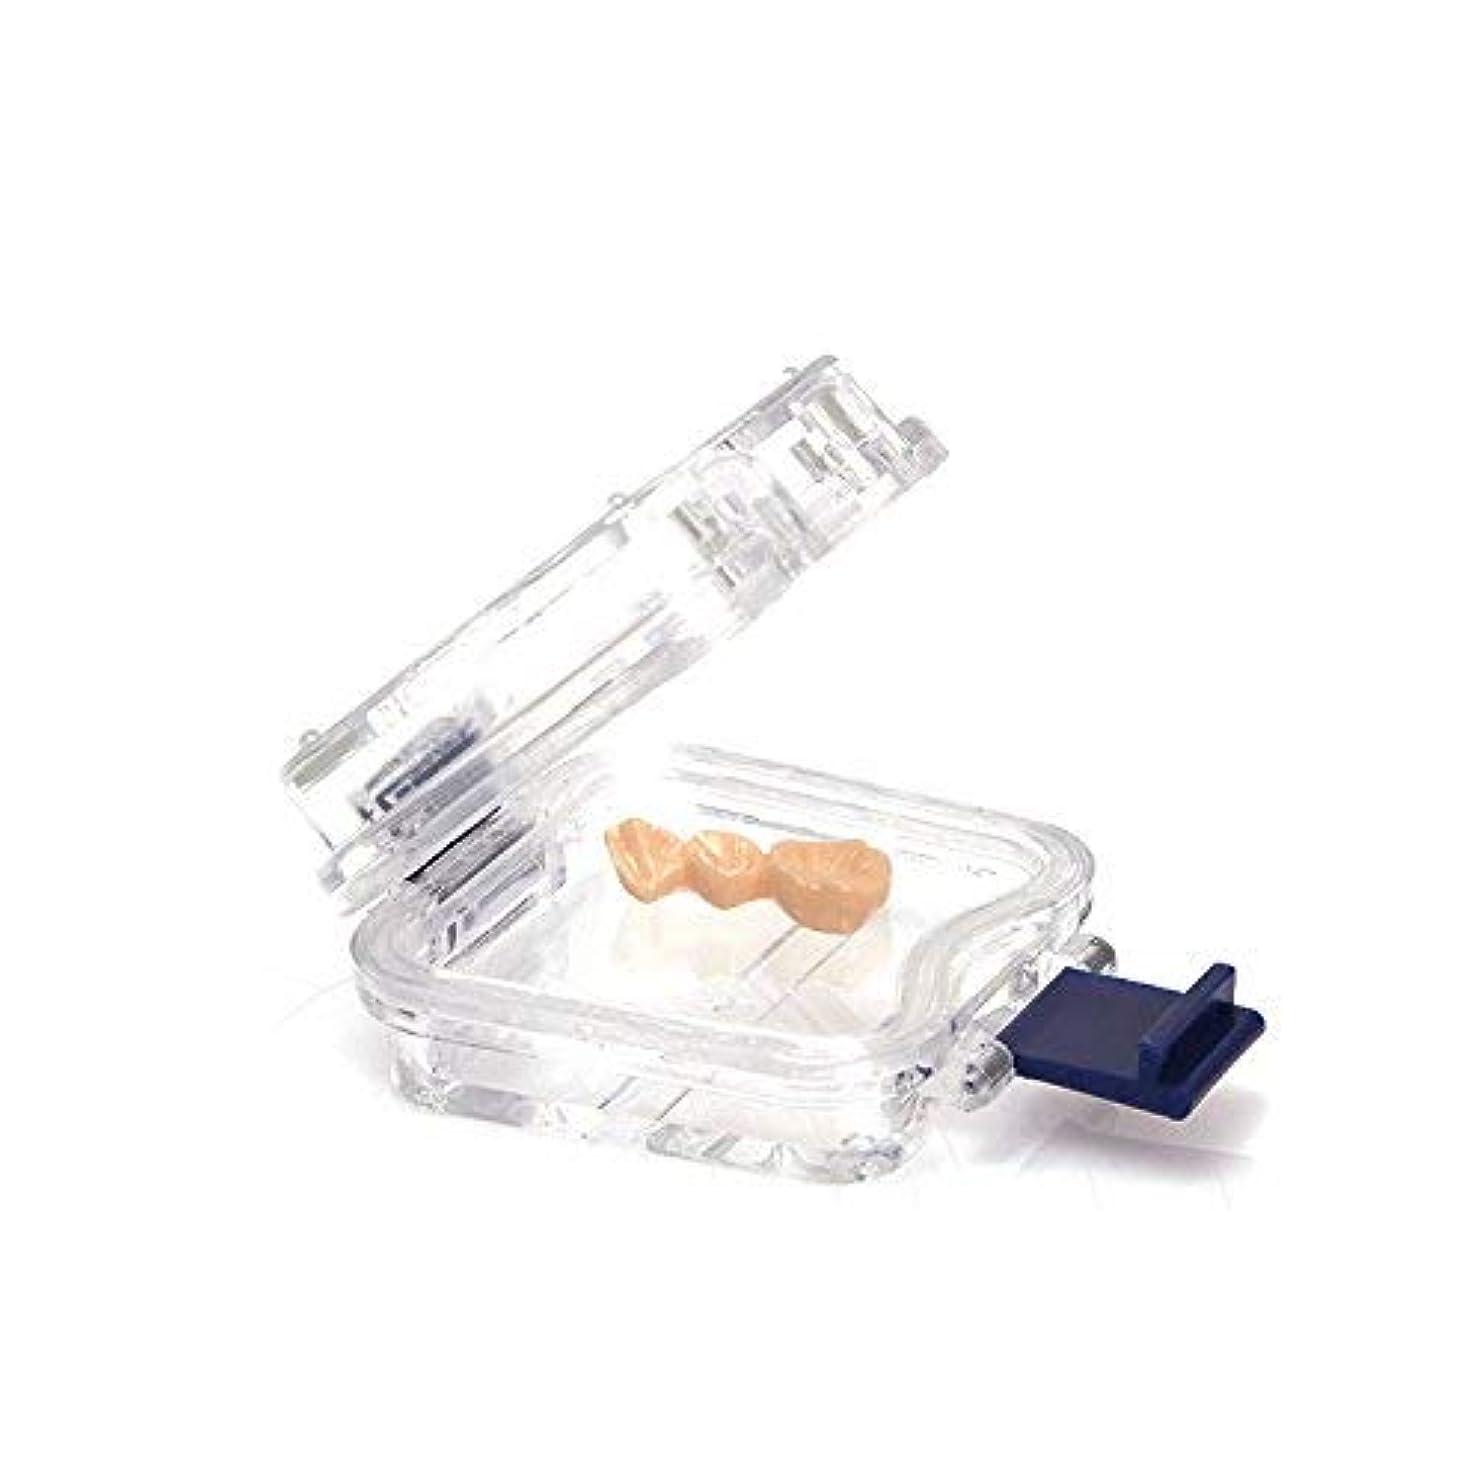 鳴り響く疎外する反射入れ歯ケース膜付き 5pcs/lot 義歯ケース 防振入れ歯ケース 小サイズ Annhua